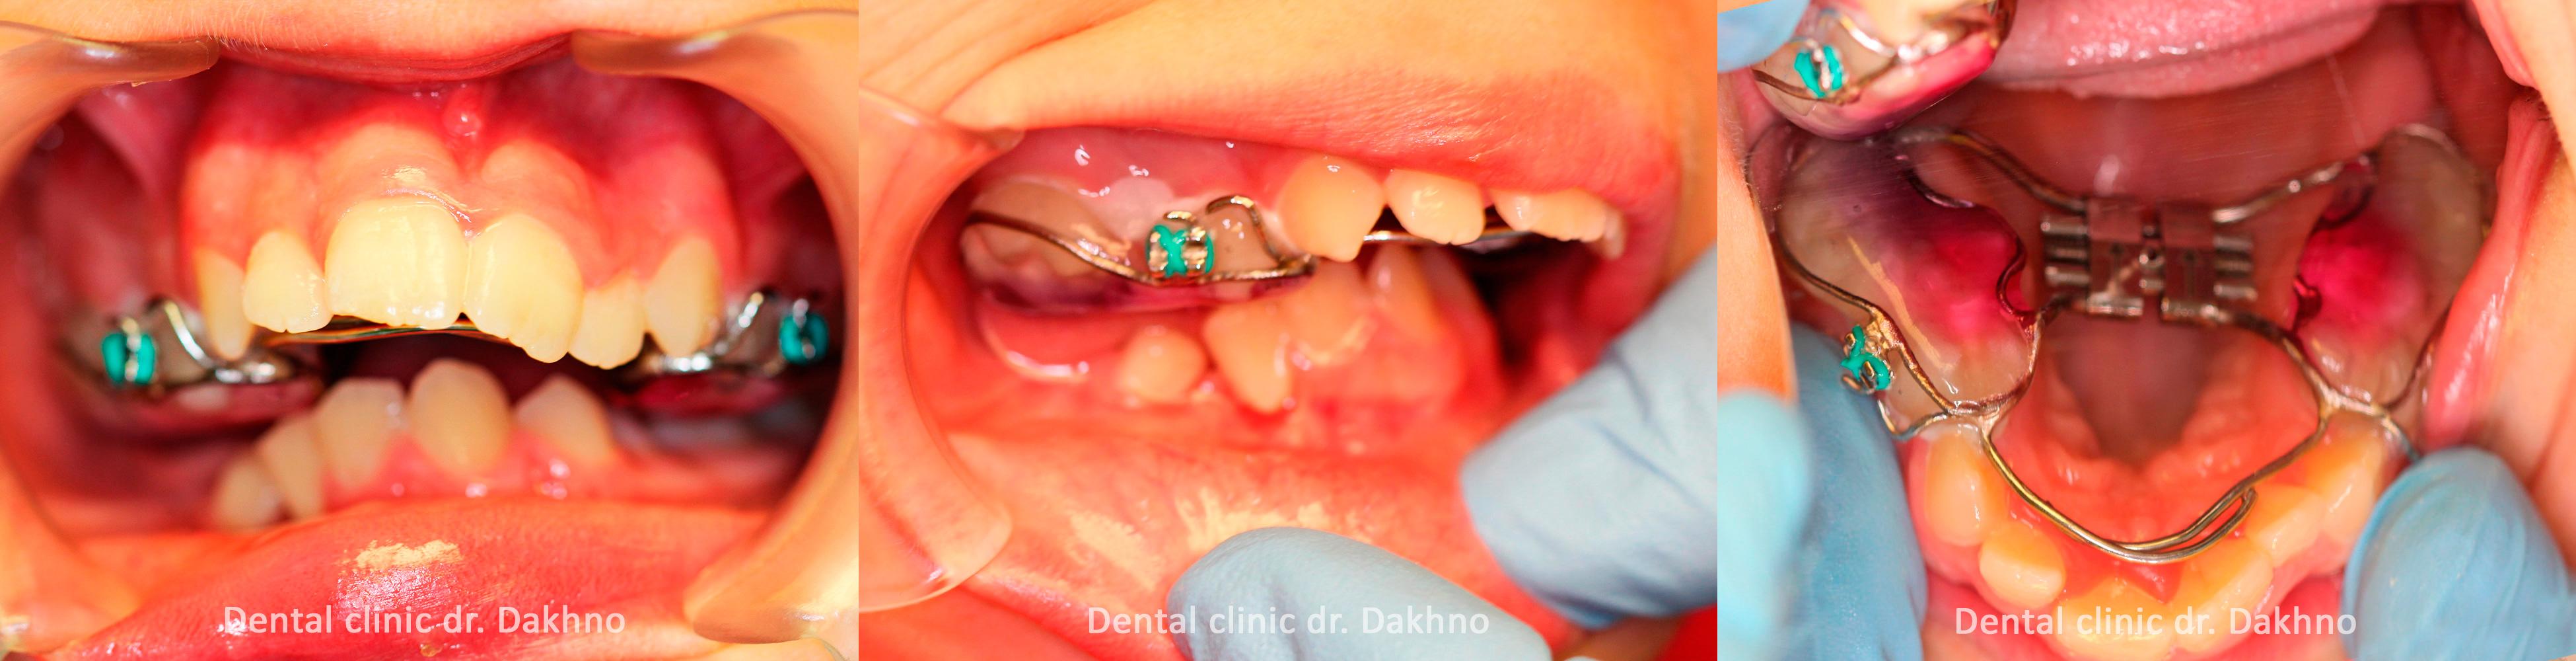 индивидуально изготовленный ортодонтический аппарат, стоматологическая клиника доктора Дахно